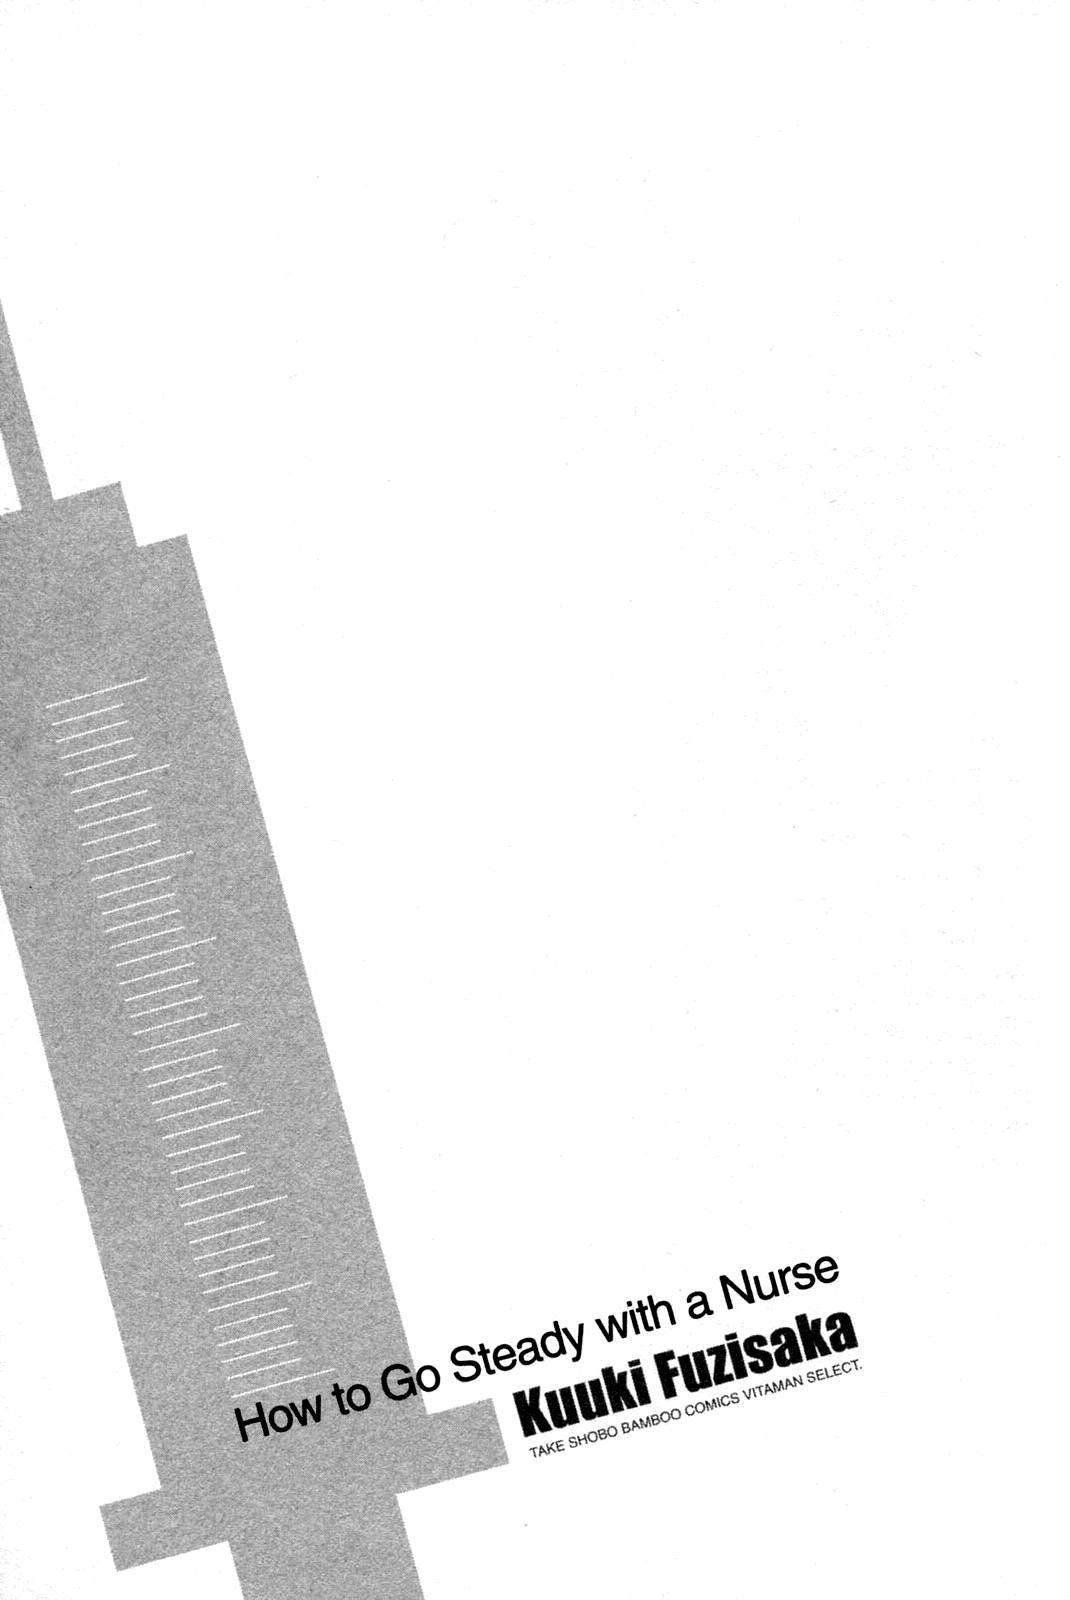 Nurse o Kanojo ni Suru Houhou - How To Go Steady With A Nurse 1 193